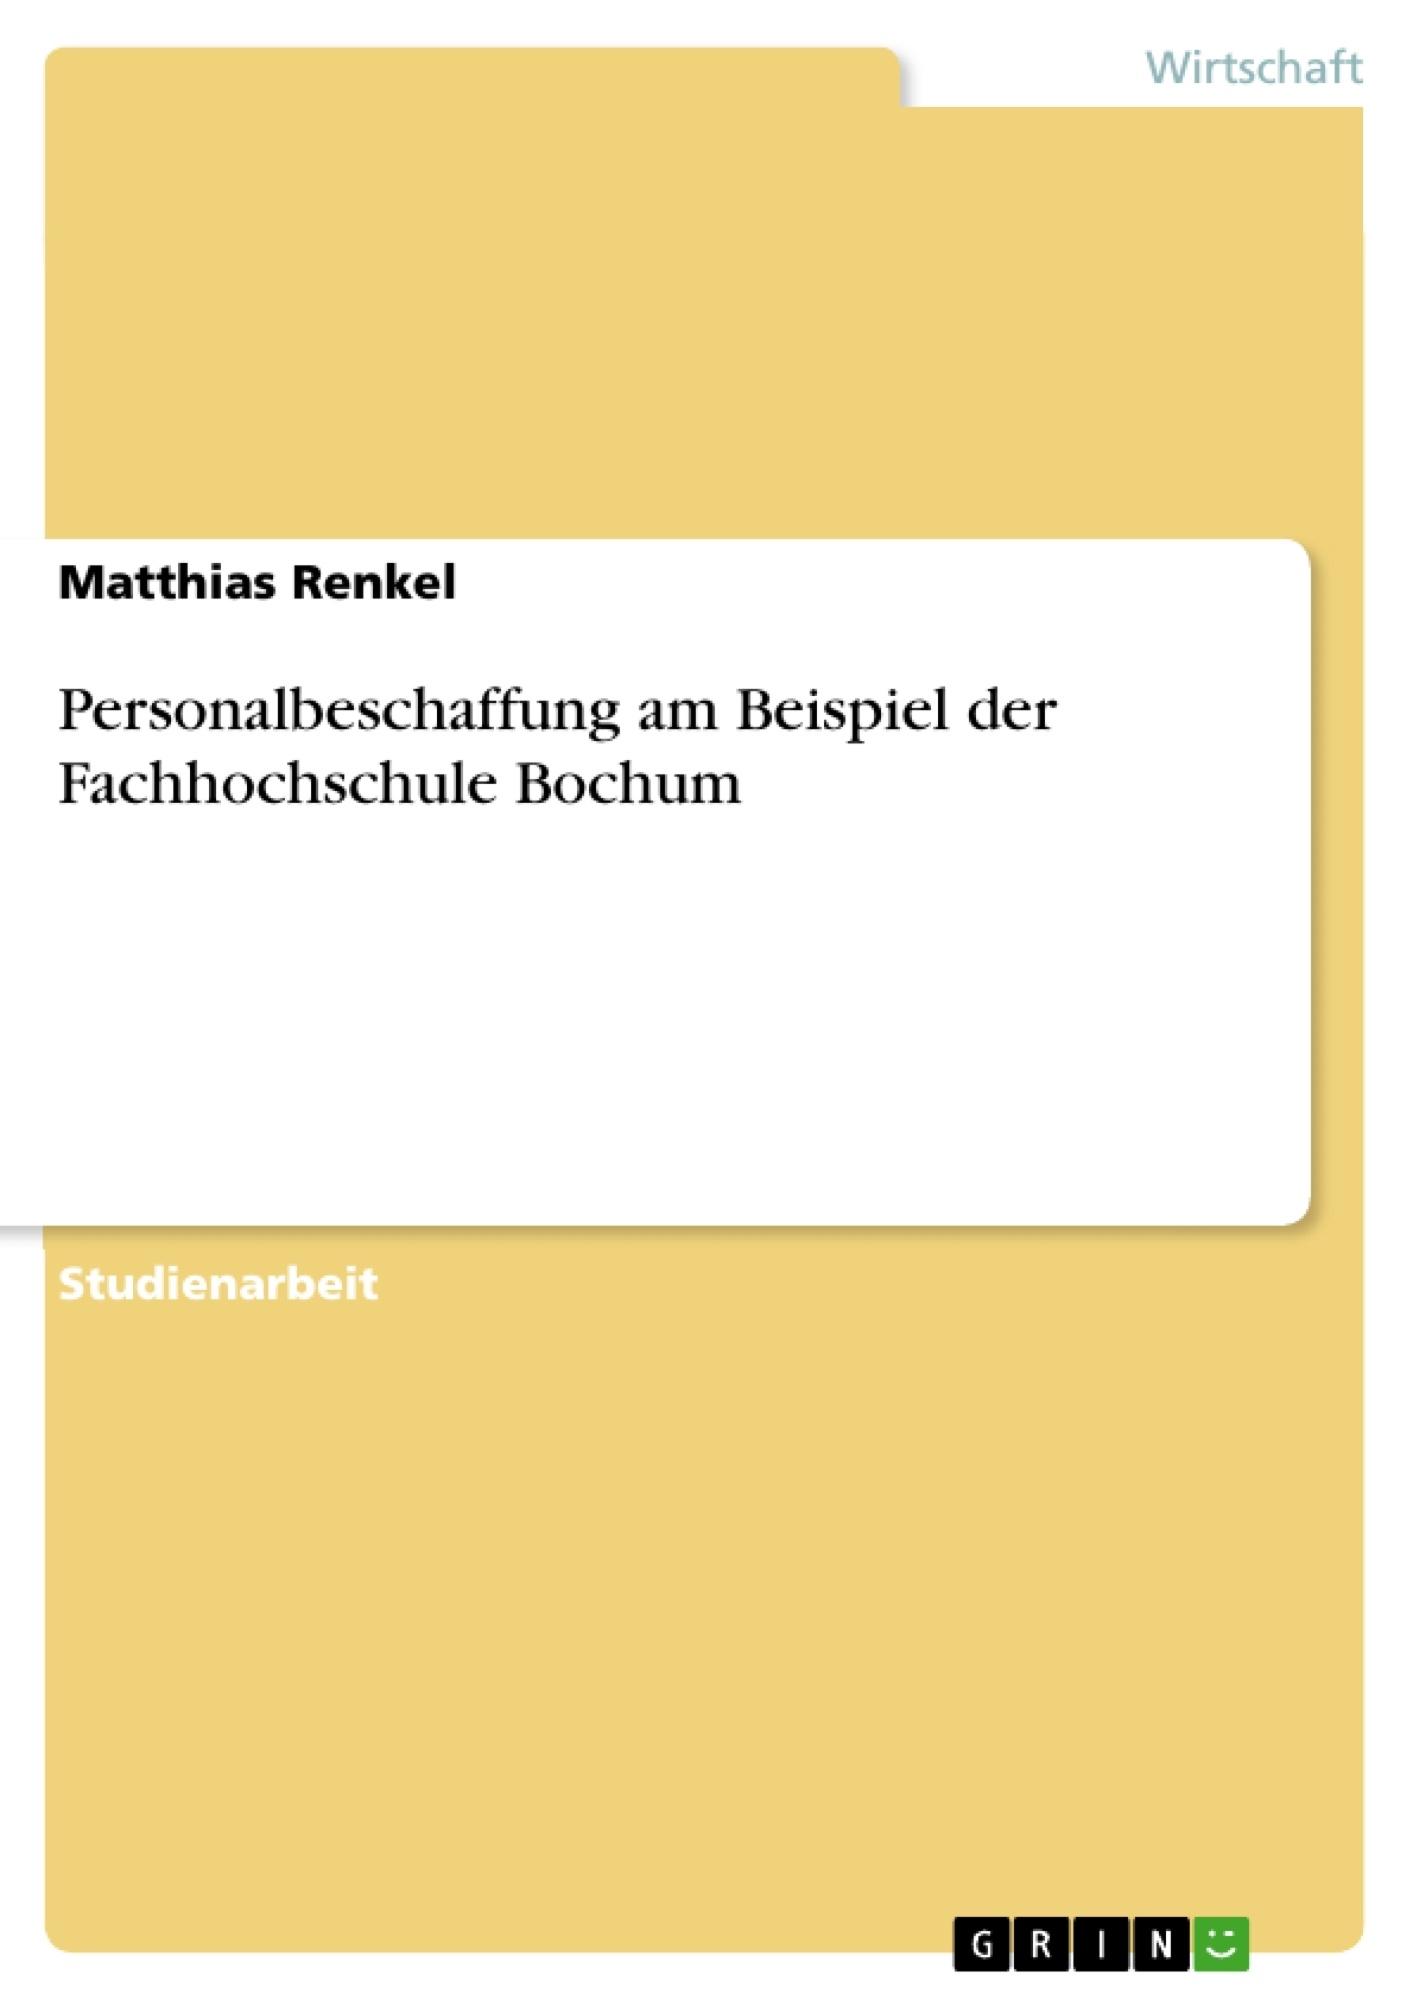 Titel: Personalbeschaffung am Beispiel der Fachhochschule Bochum